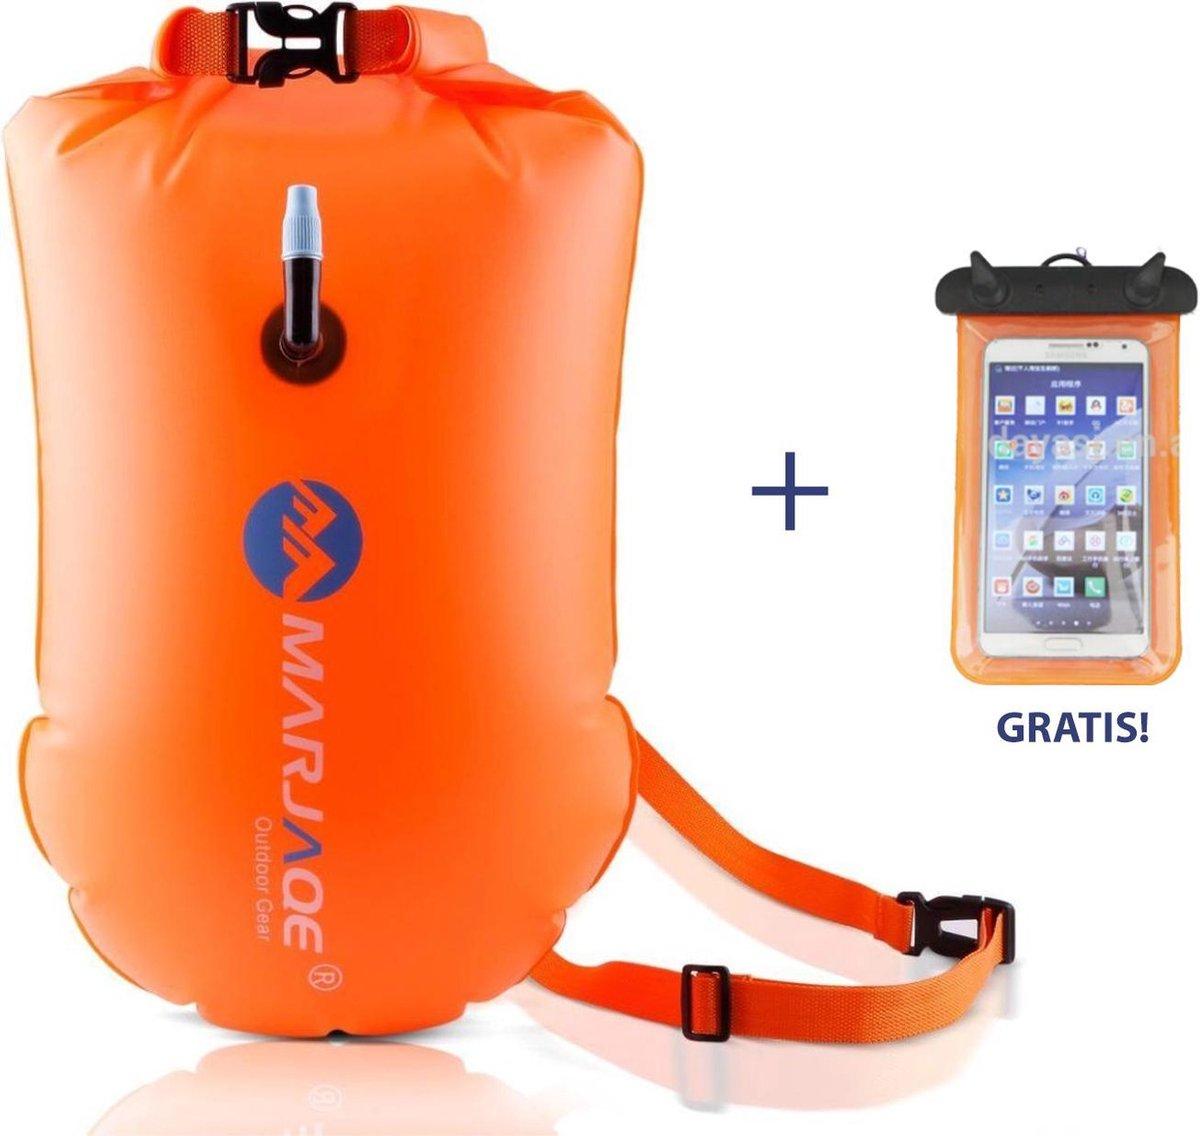 Zwemboei voor Veilig Openwater en Triatlon Zwemmen |Zwem Boei| - incl. drybag /Saferswimmer/Safe swi